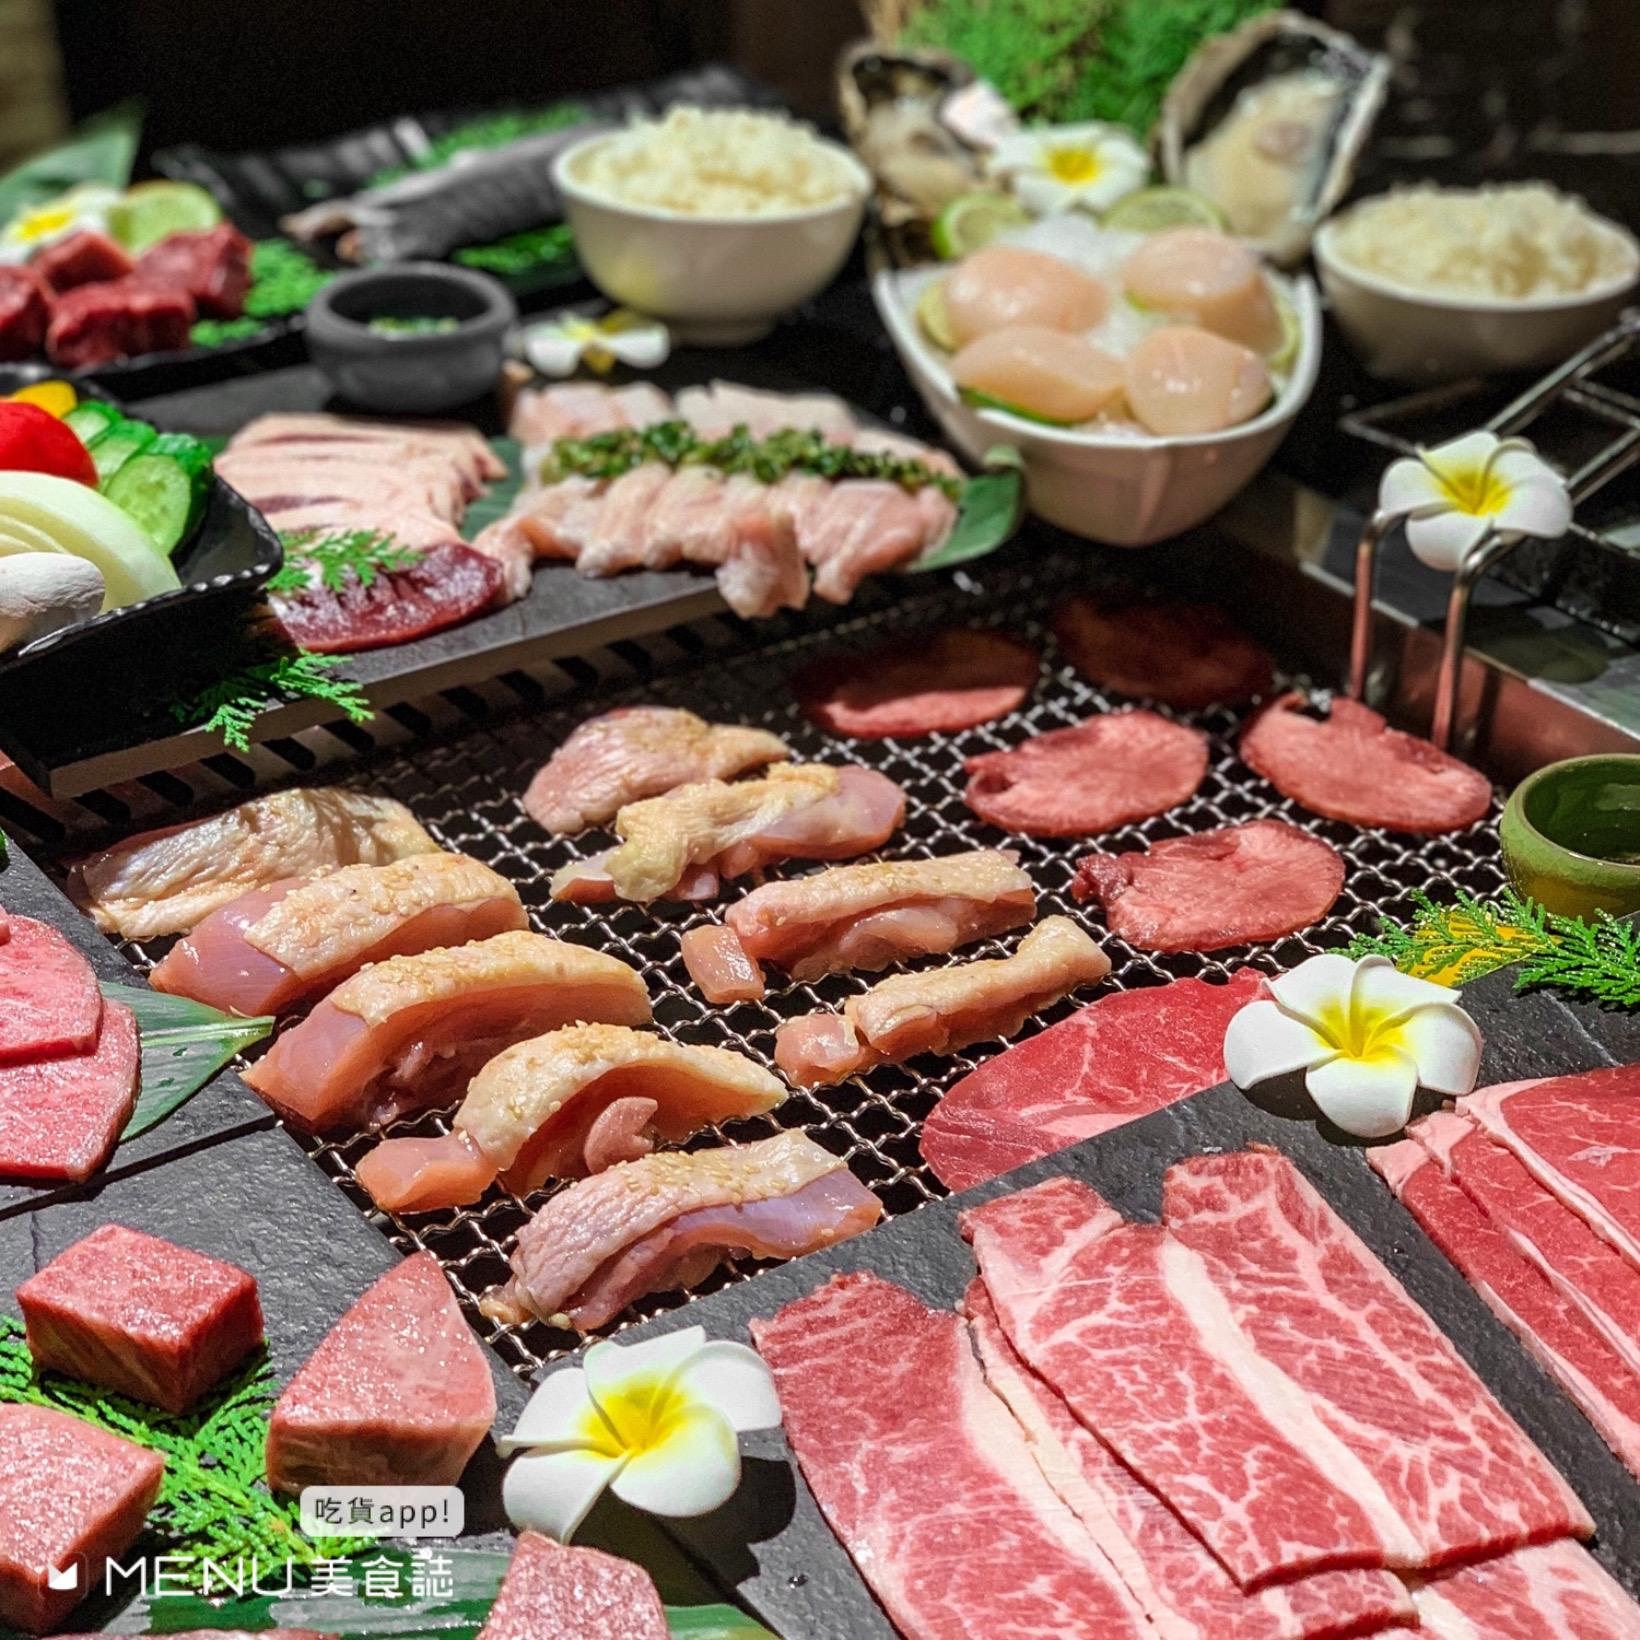 燒肉帝國的子民「台中人」的振興五倍券就該這樣用!台中高價位燒肉、火鍋及創意無菜單料理餐廳推薦!除了茶六、屋馬,這些餐廳也值得一吃!